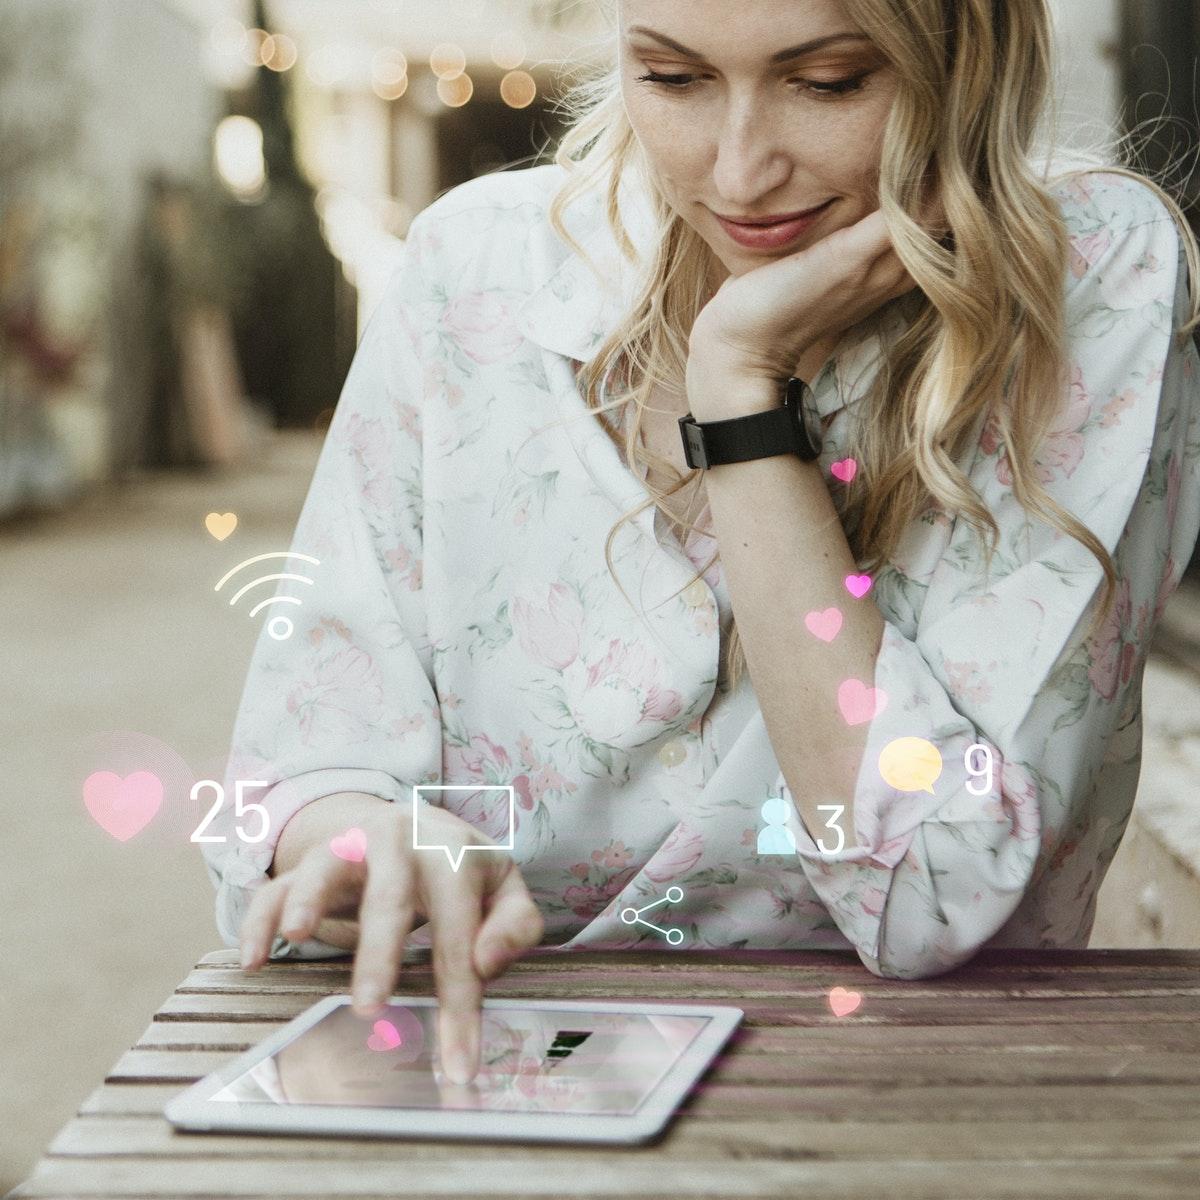 Dans cet article, retrouvez les clés pour décrypter les tendances des nouveaux métiers de la communication et faire les bons choix pour votre futur parcours professionnel.